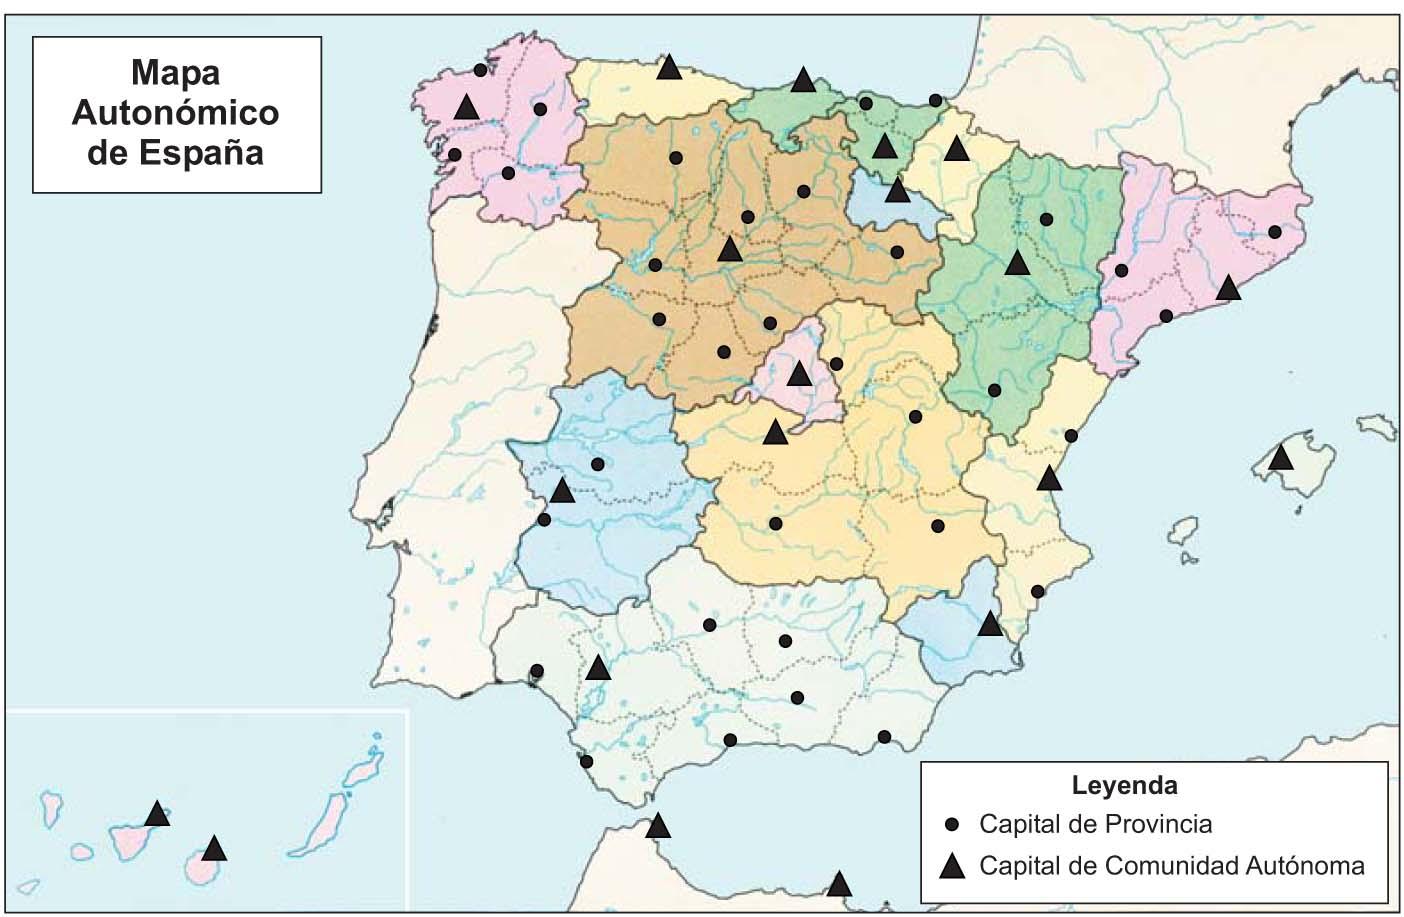 Mapa autonómico de Espana